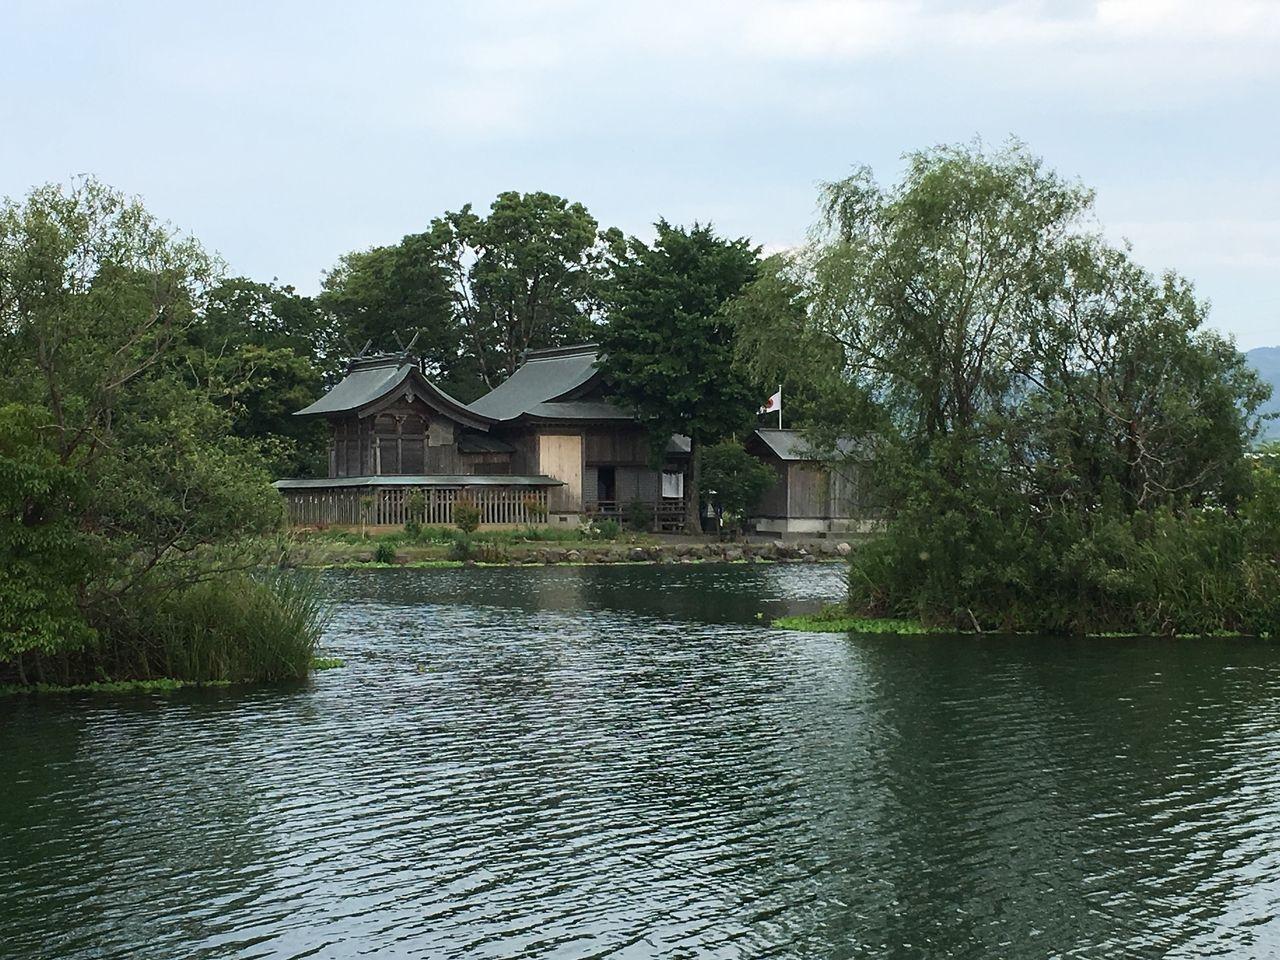 地元で通称 浮島神社と呼ばれる熊野座神社